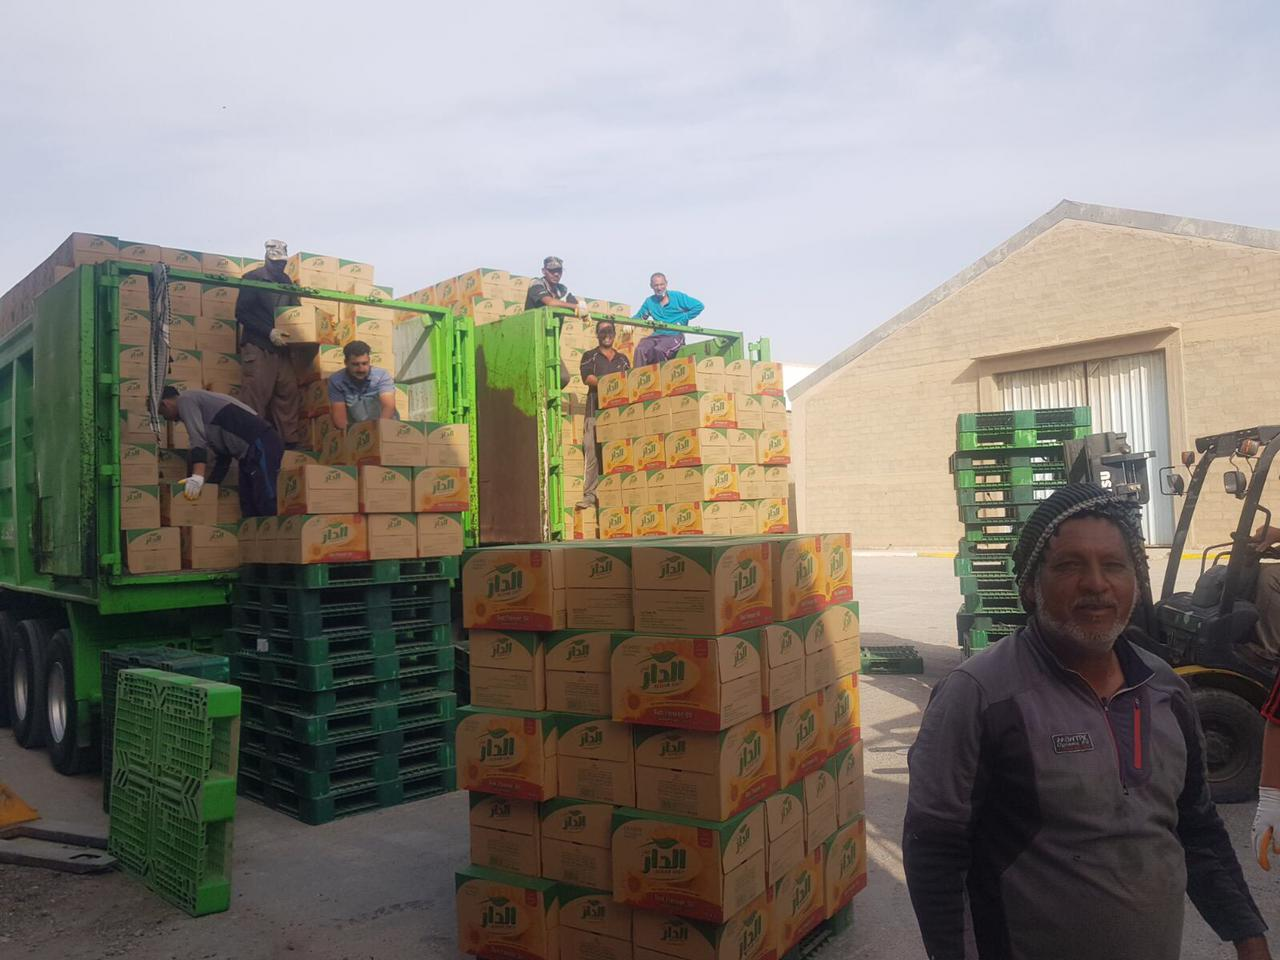 العراق يتسلم كميات من زيت الطعام لتأمين الحصة التموينية